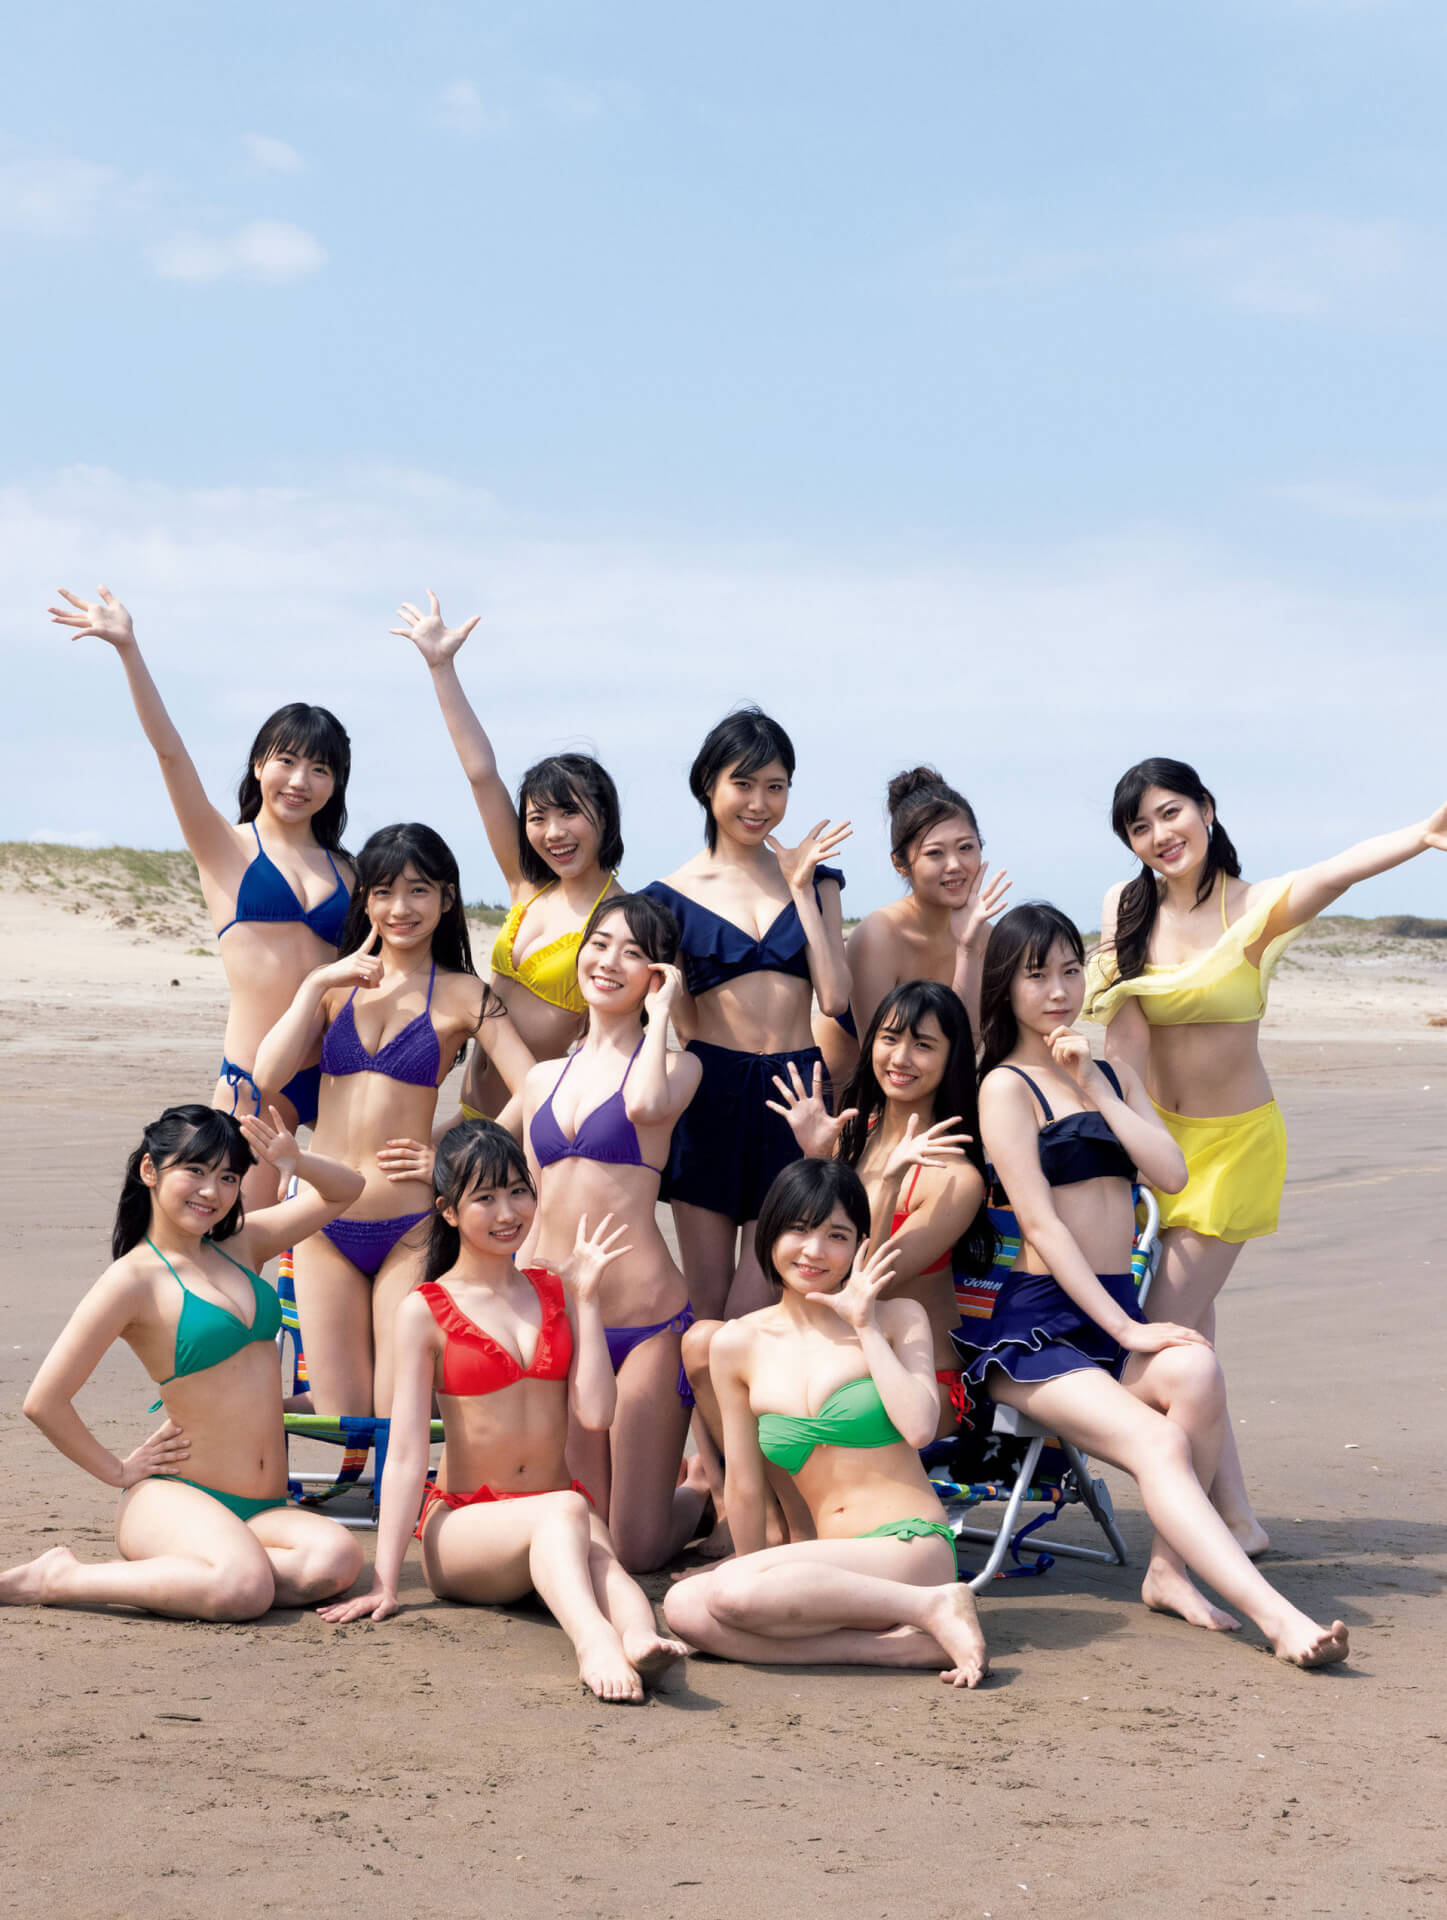 笑顔輝く芳根京子の魅力が止まらない!『FLASH』表紙&巻頭グラビア10Pに登場 art210706_flash_3